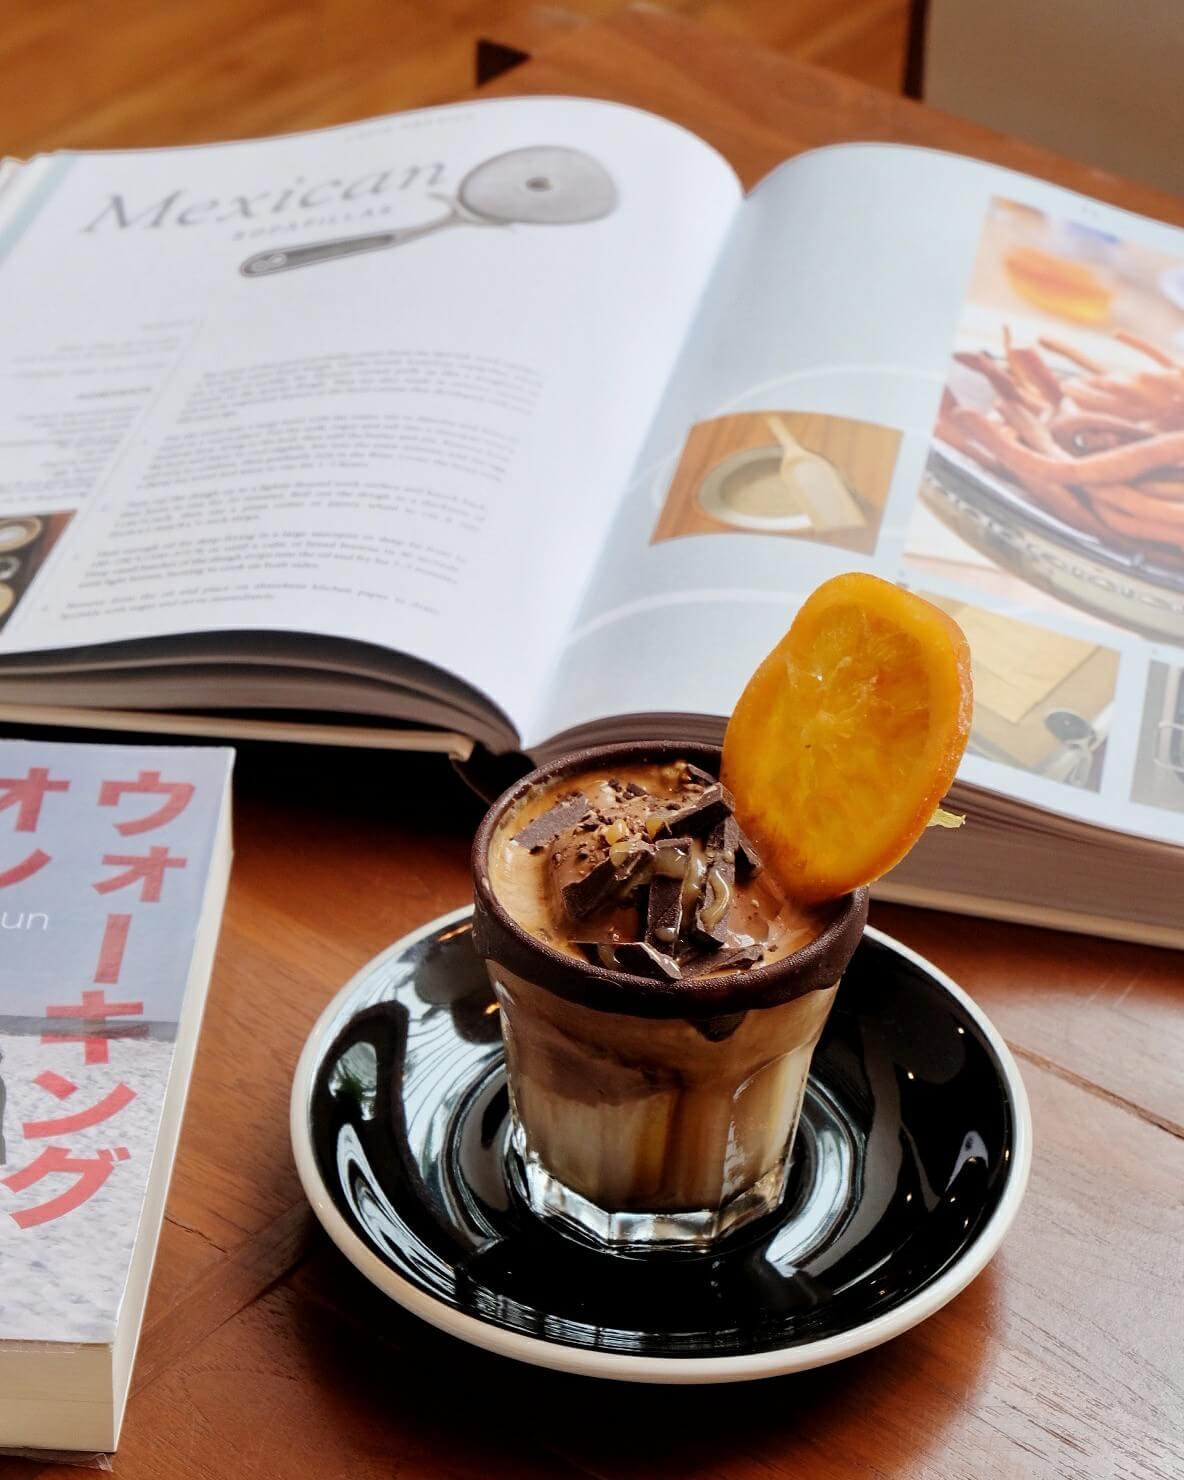 10 ร้านกาแฟ ทองหล่อ - เอกมัย เครื่องดื่มเด็ด บรรยากาศดี 61 - Ananda Development (อนันดา ดีเวลลอปเม้นท์)